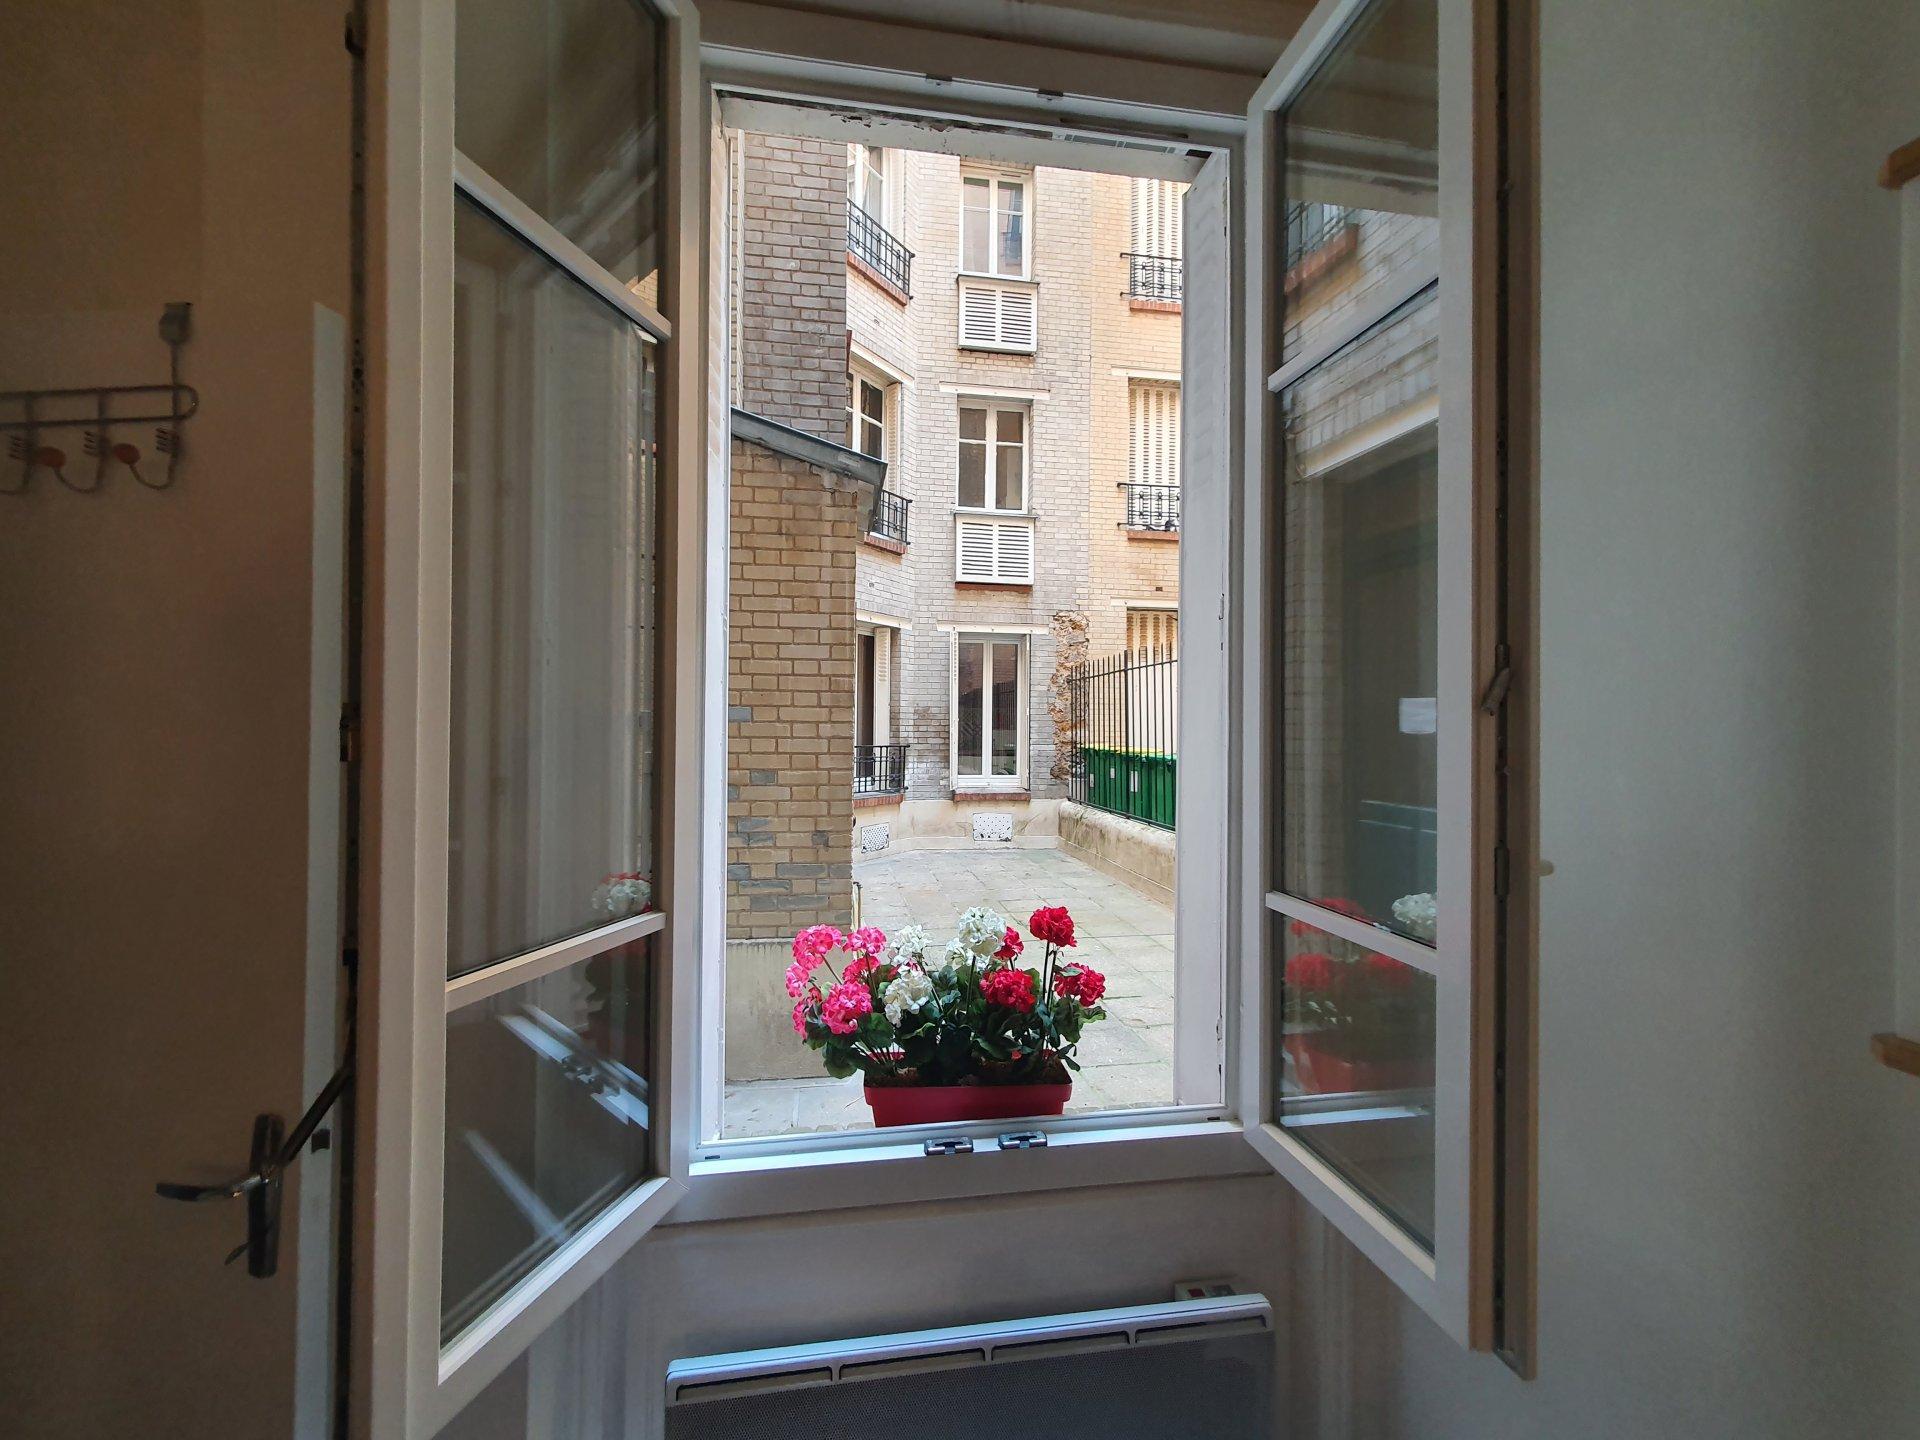 Sale Apartment - Paris 15th (Paris 15ème) Saint-Lambert